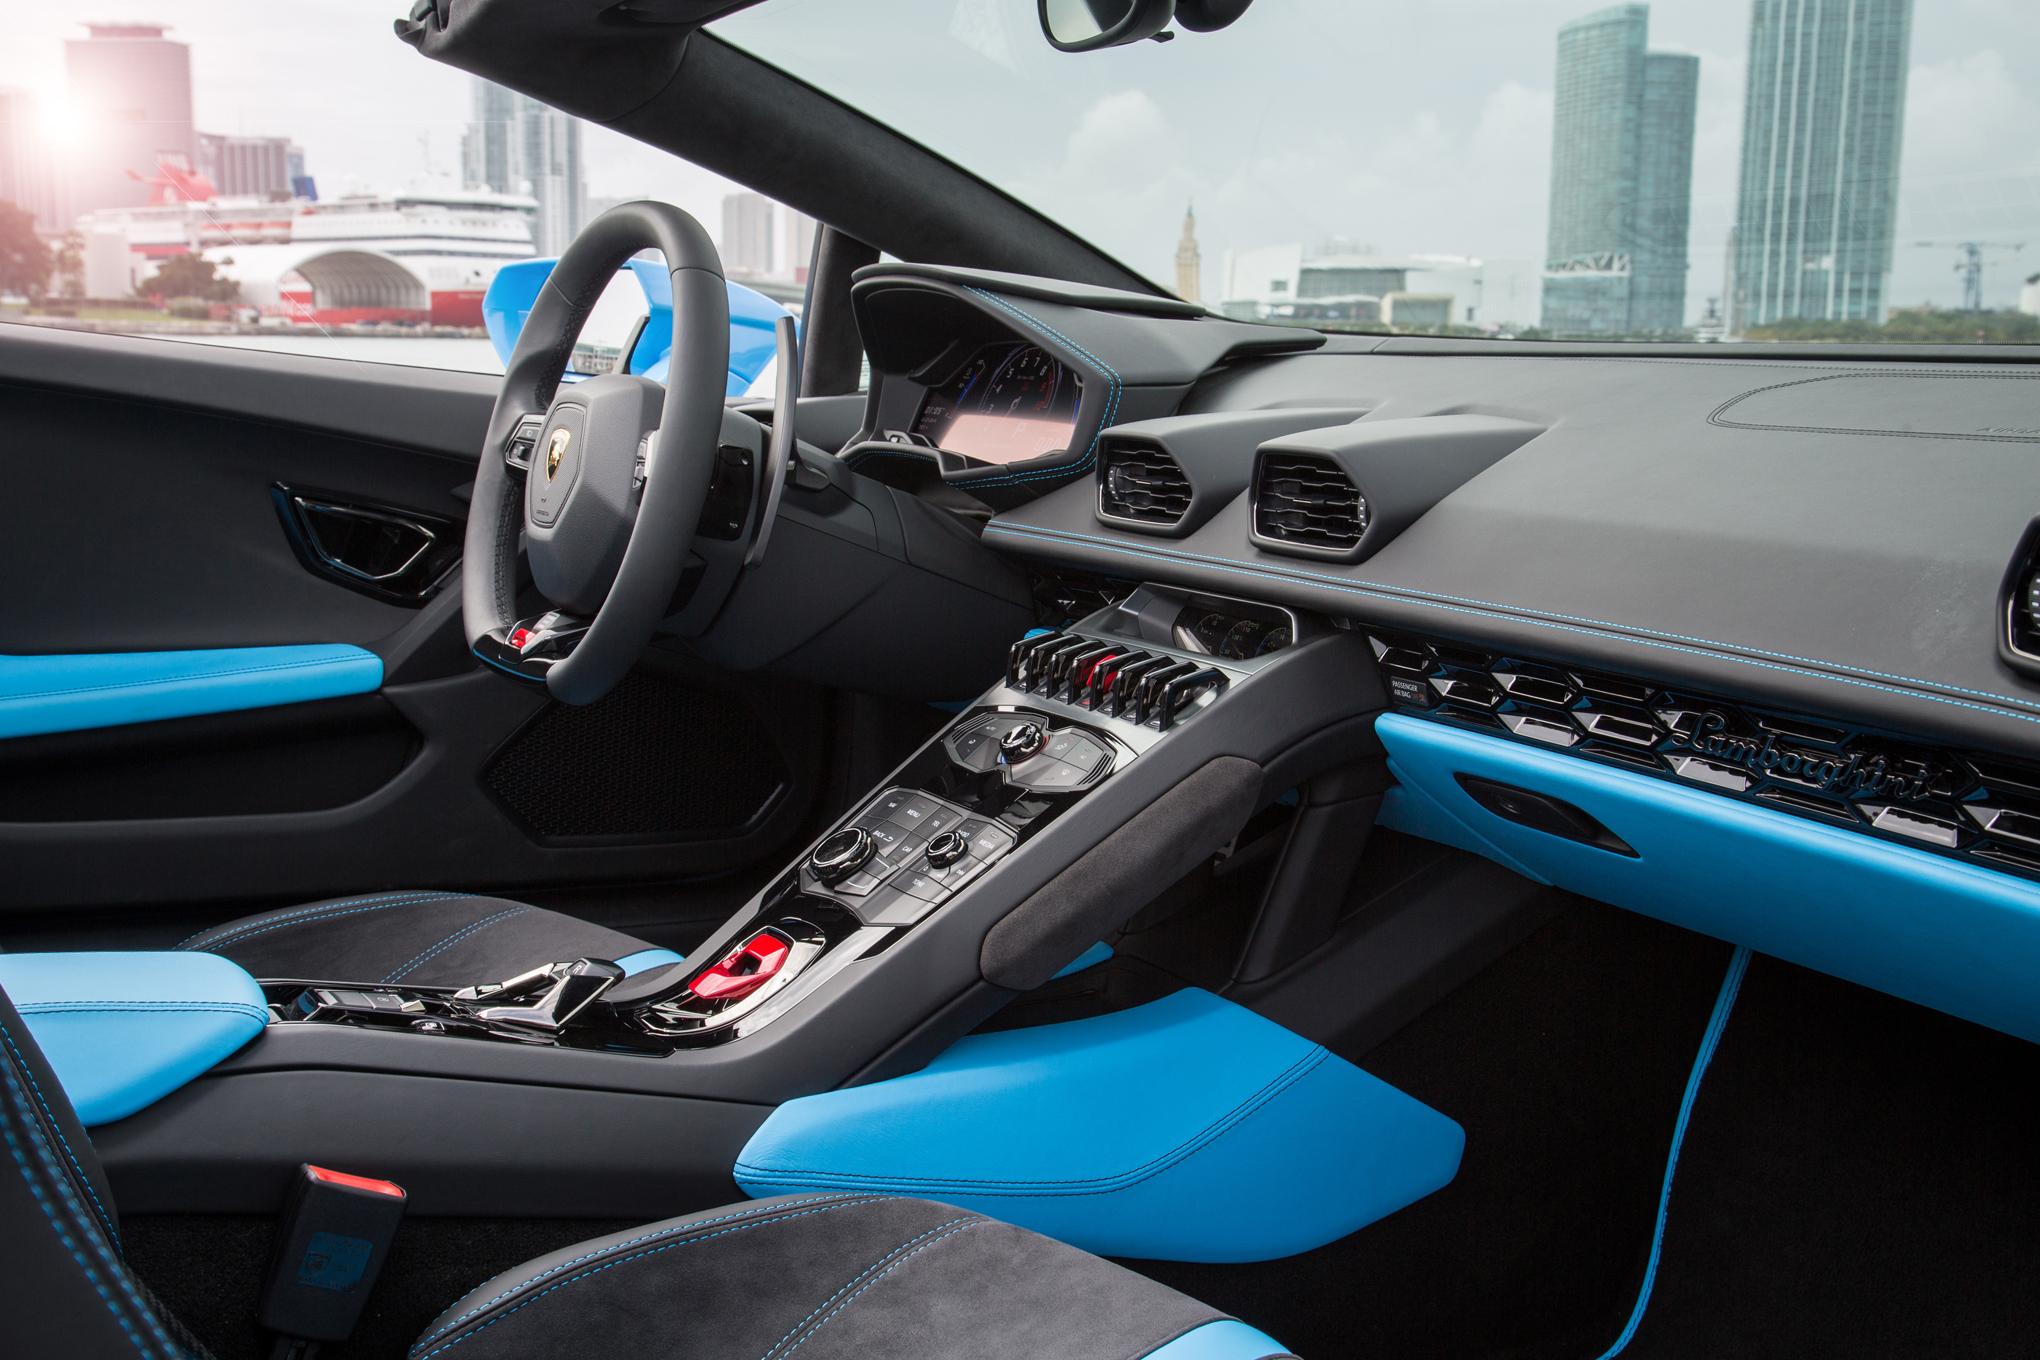 2016 Lamborghini Huracan Spyder Interior 92 Instant Luxury Rentals